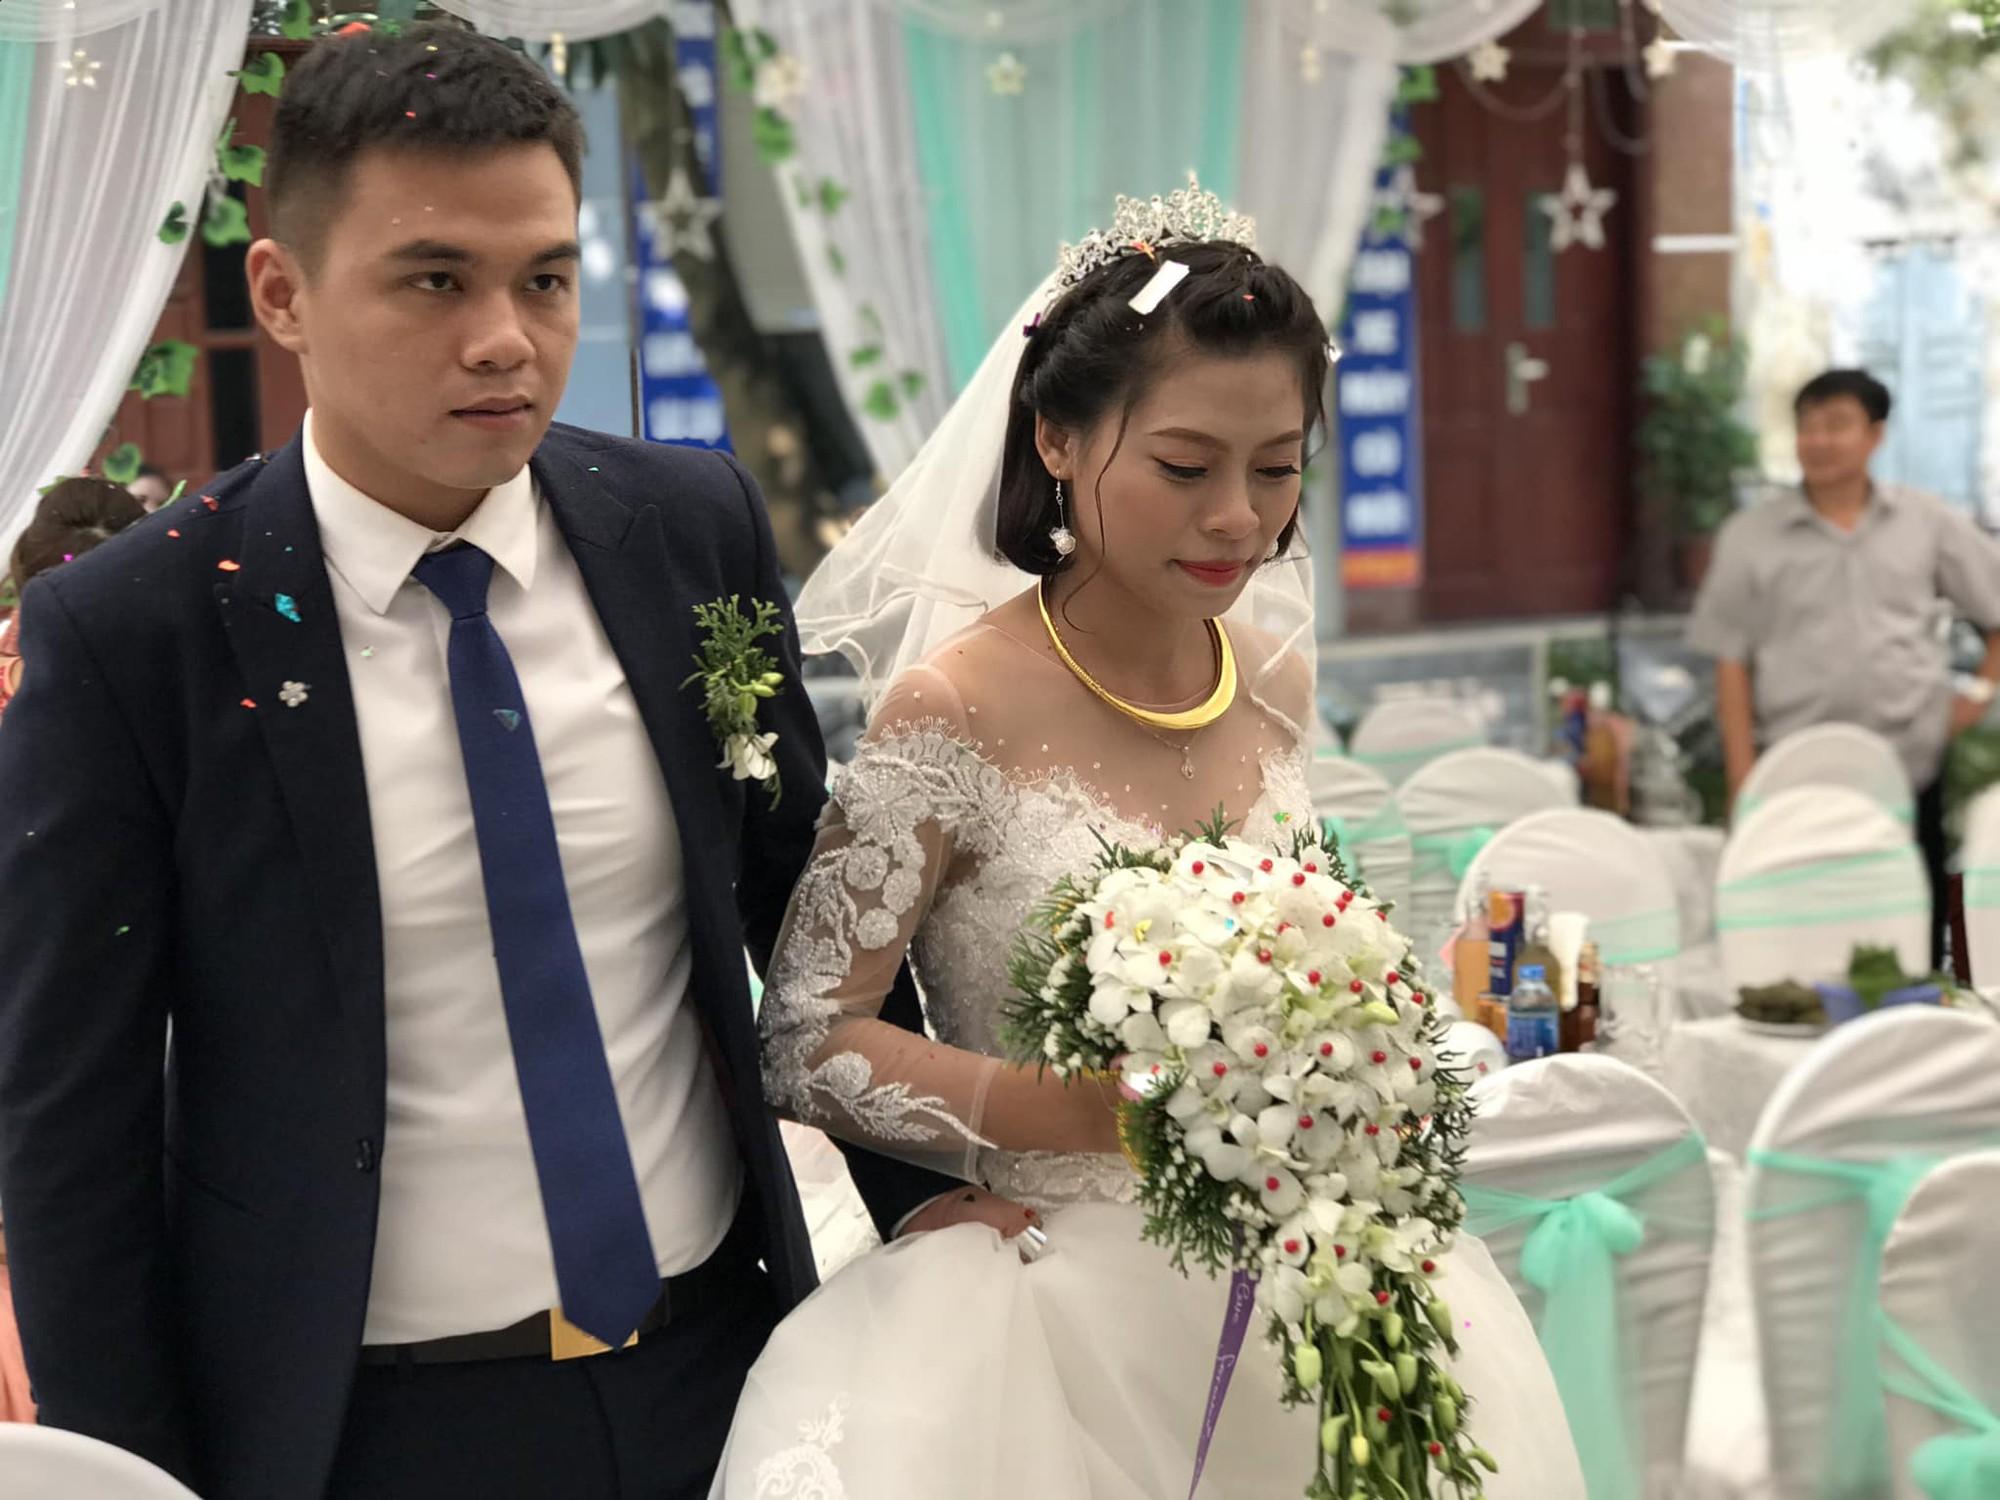 Con gái đi lấy chồng, mẹ bần thần rơi nước mắt: Em sợ con gái em đi lấy chồng khổ - Ảnh 3.